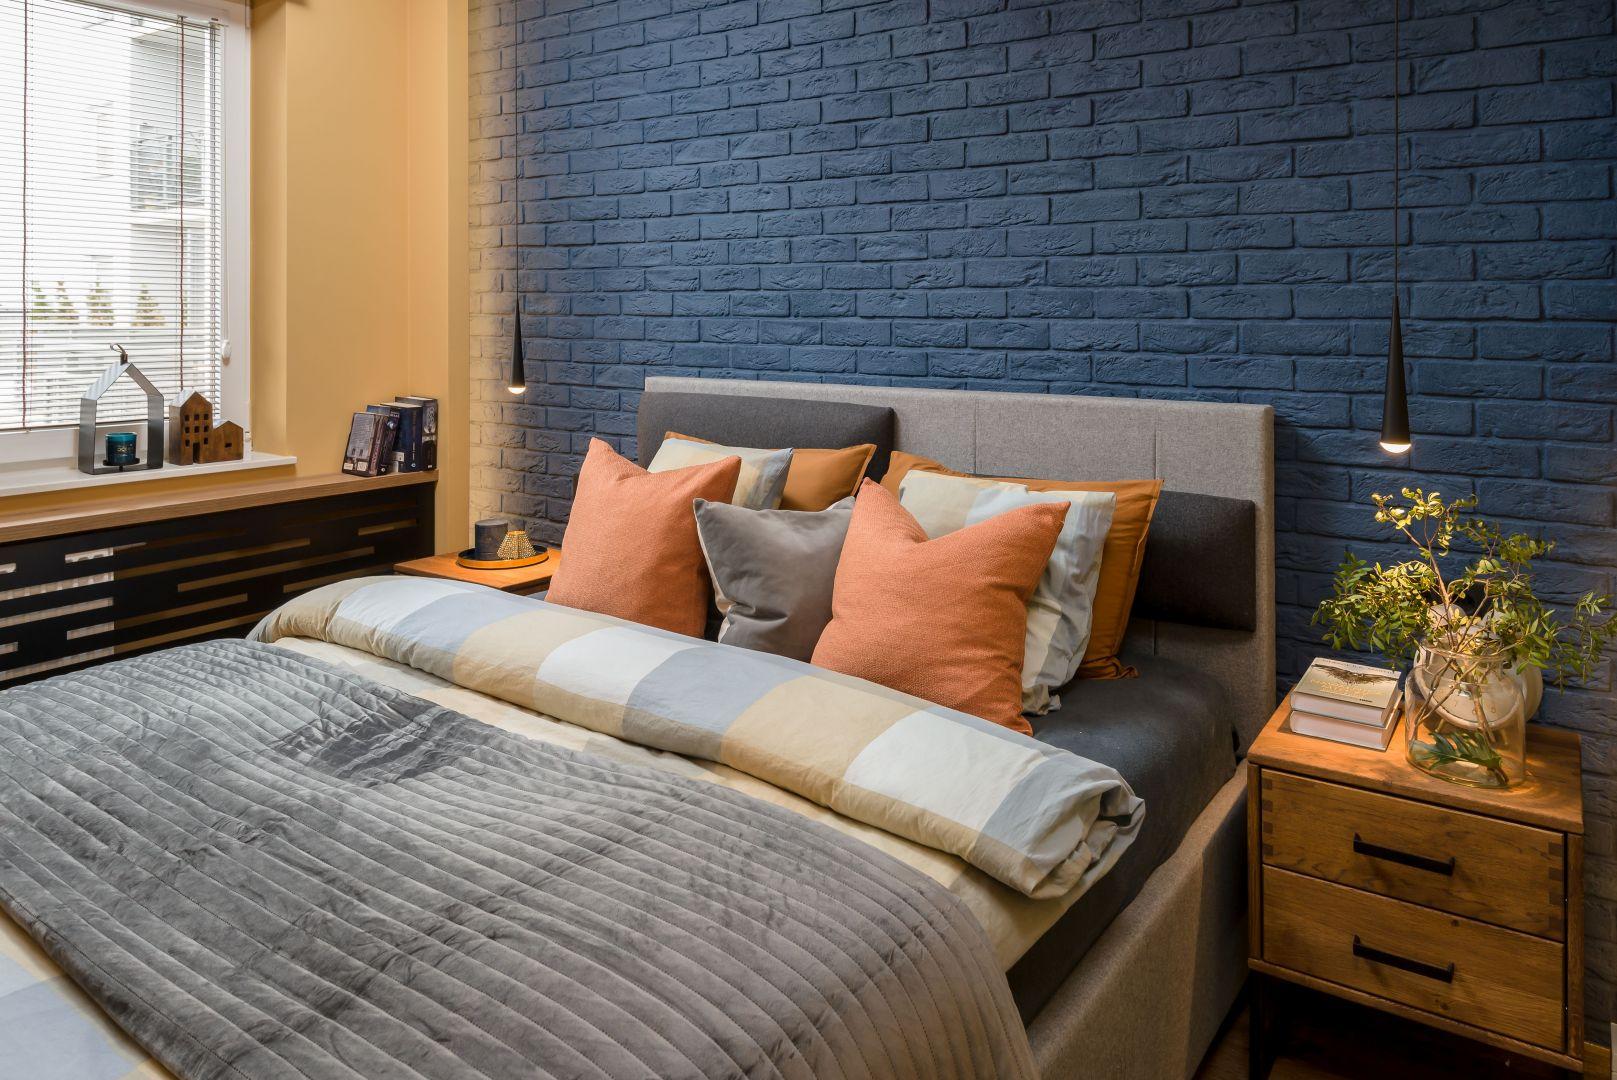 Ściana za łóżkiem w sypialni. W tym projekcie zastosowano cegłę, która pomalowano na ciemny kojący granat. Projekt: Katarzyna Krupa. Fot. Stan Zajączkowski